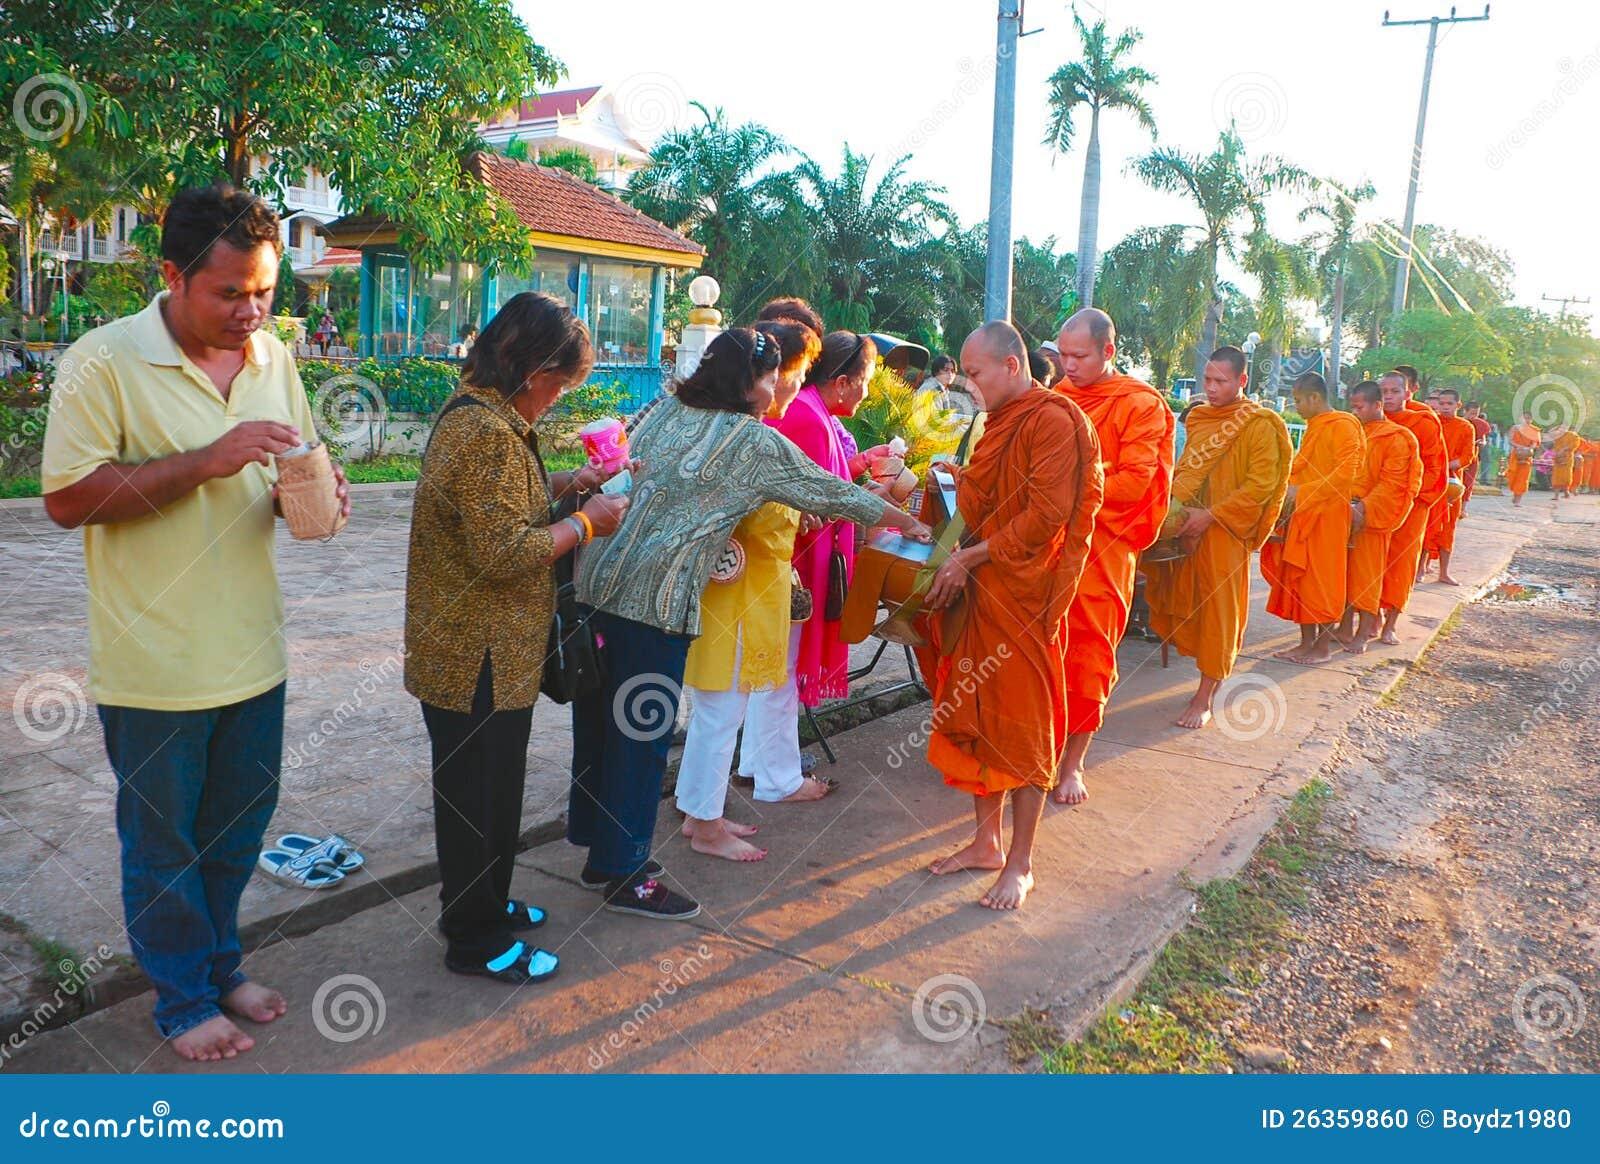 Mönche, die das Reis-Angebot empfangen